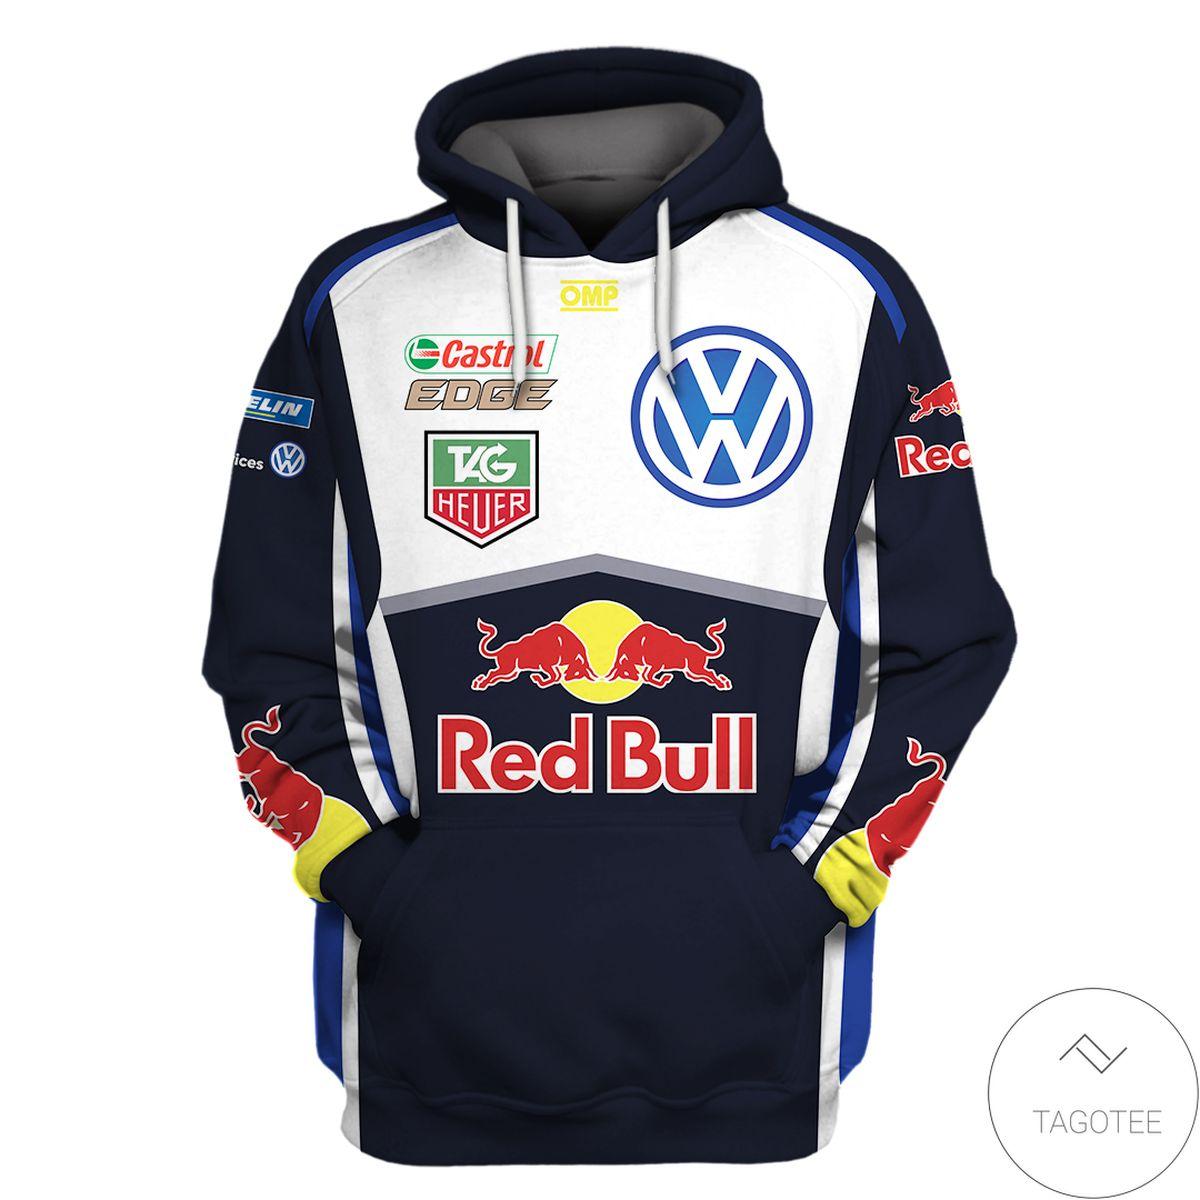 eBay Rallying Volkswagen Red Bull Branded Unisex Racing Car 3d Hoodie